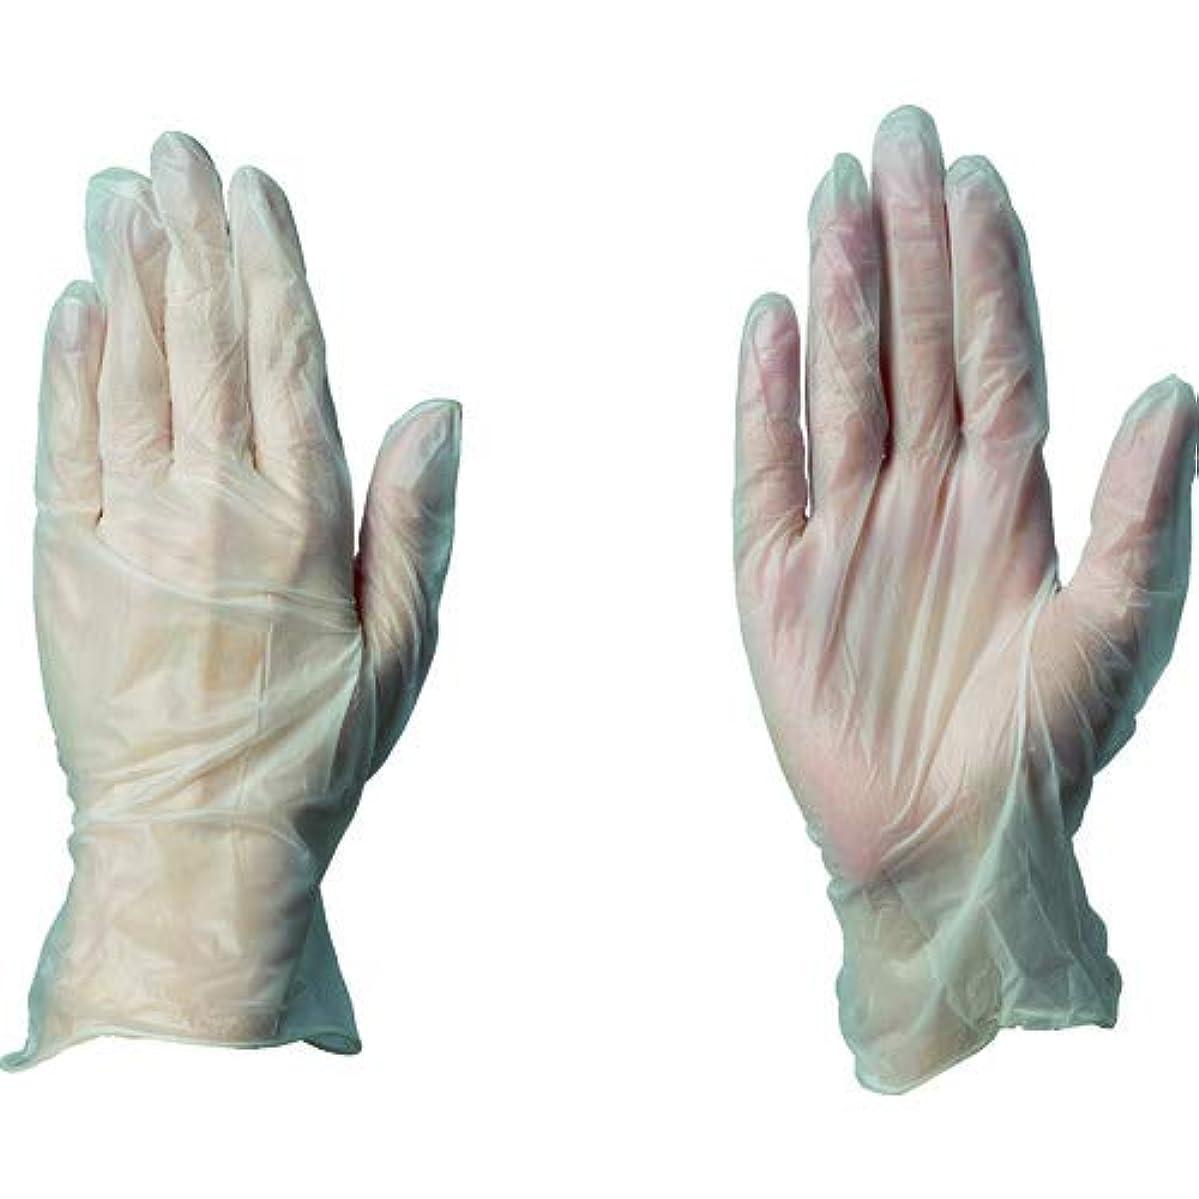 専門知識多年生小さいハクゾウプラスチックグローブMFPF L(80マイ) ハクゾウメディカル